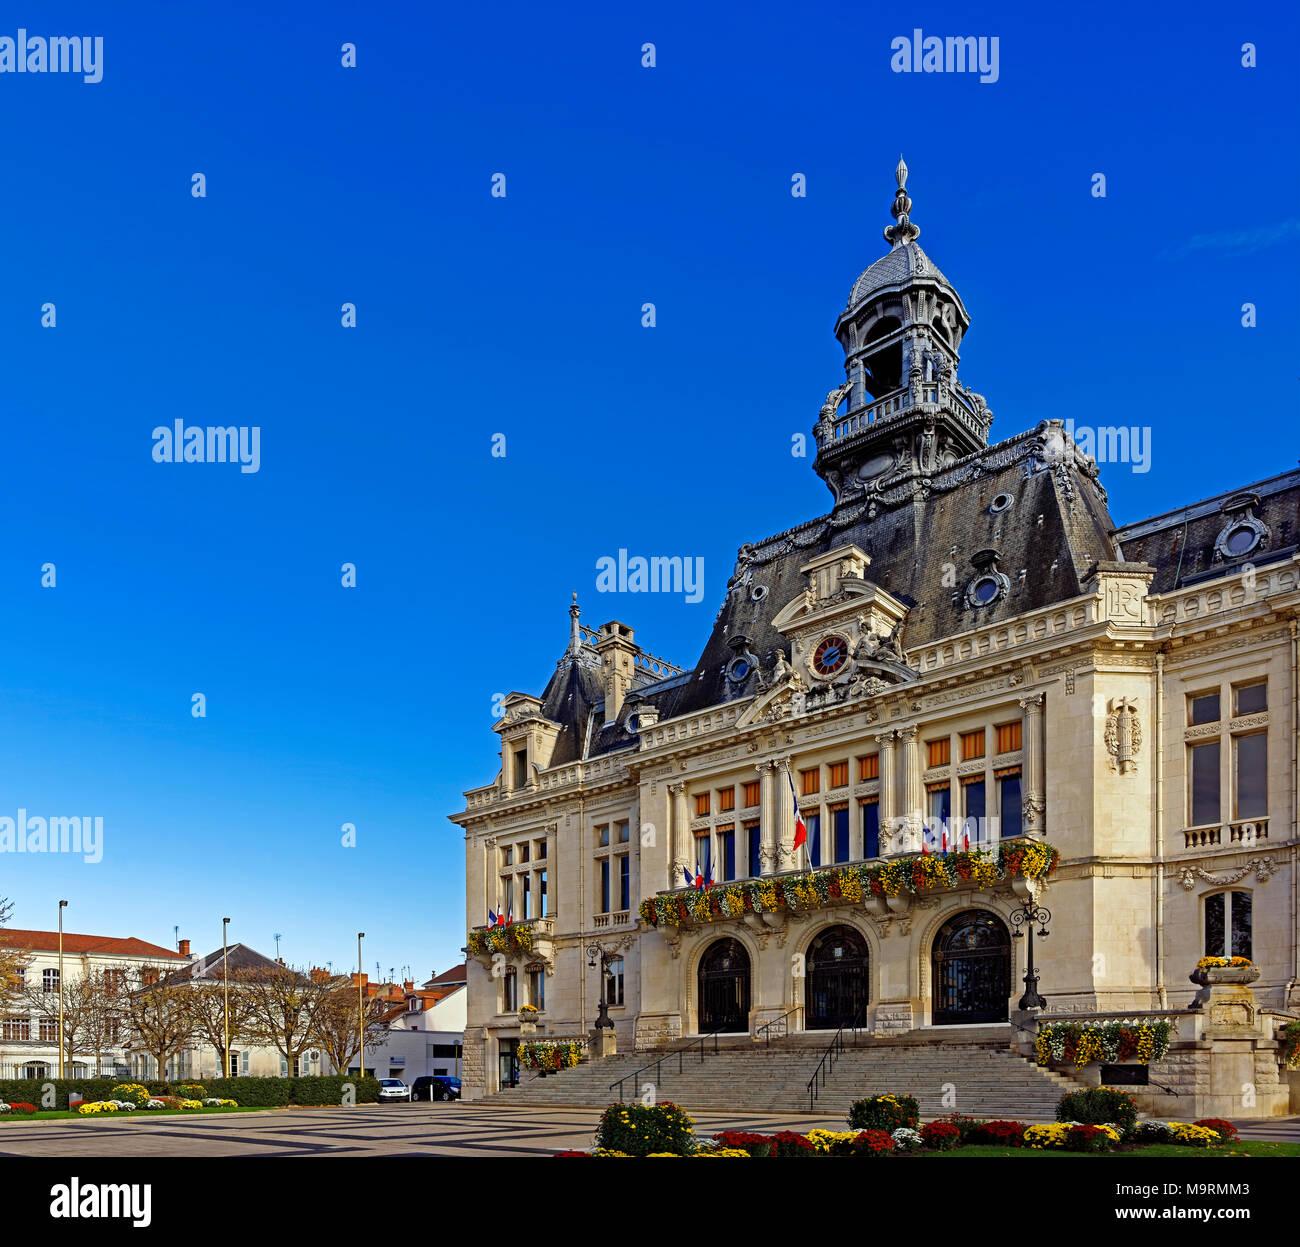 Europe, France, Auvergne, Vichy, Place de l'Hôtel de Ville, city hall, l'Hôtel de Ville, Marie de Vichy, architecture, trees, buildings, flowers, hist Stock Photo